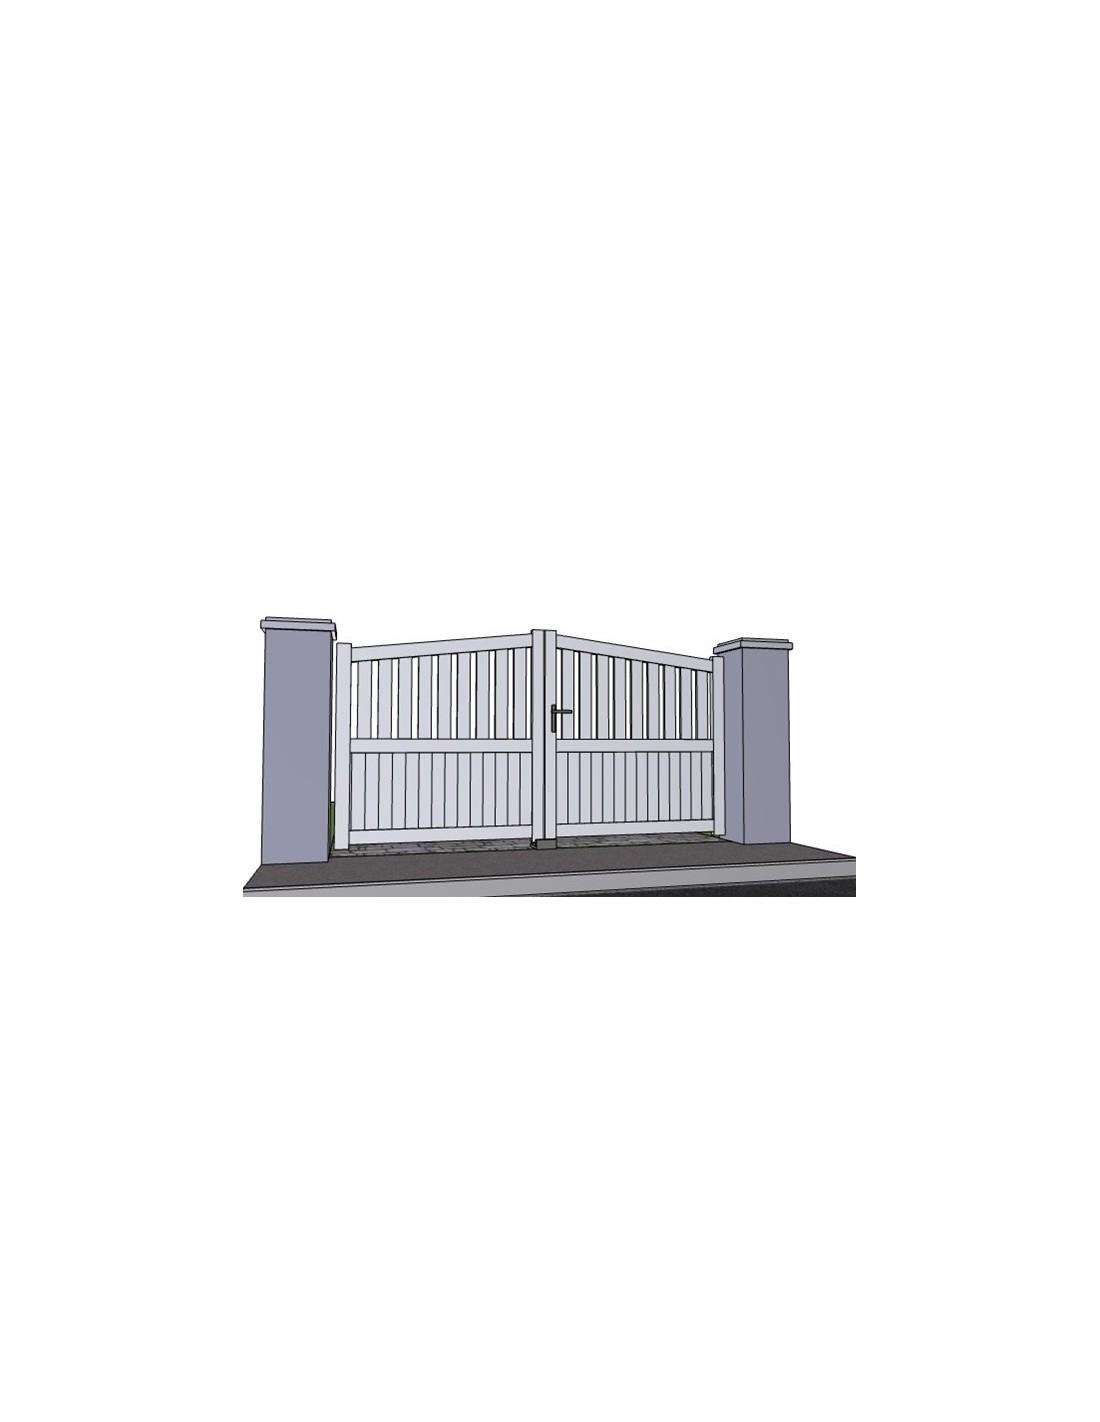 Portail battant aluminium ajoure ciboure biais haut sur mesure for Portail alu 2m50